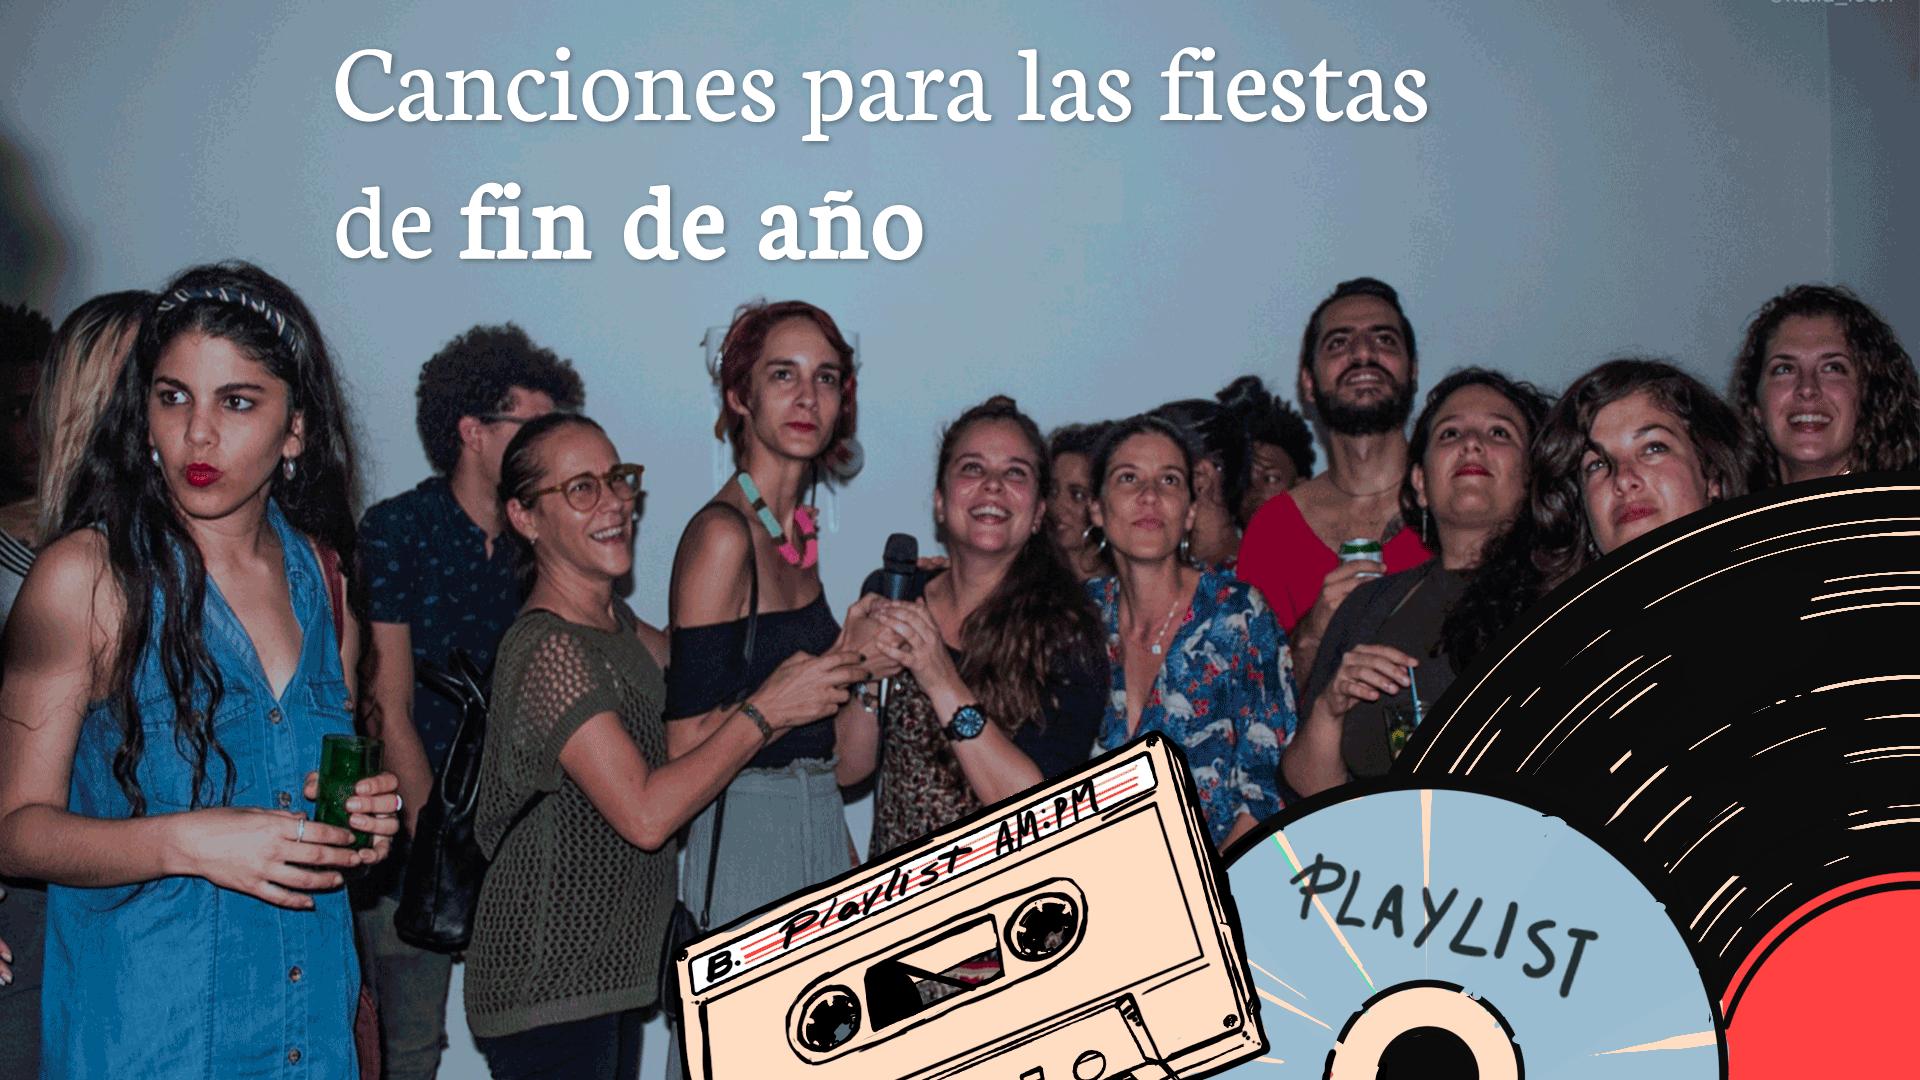 Foto: Kalia Venero León.